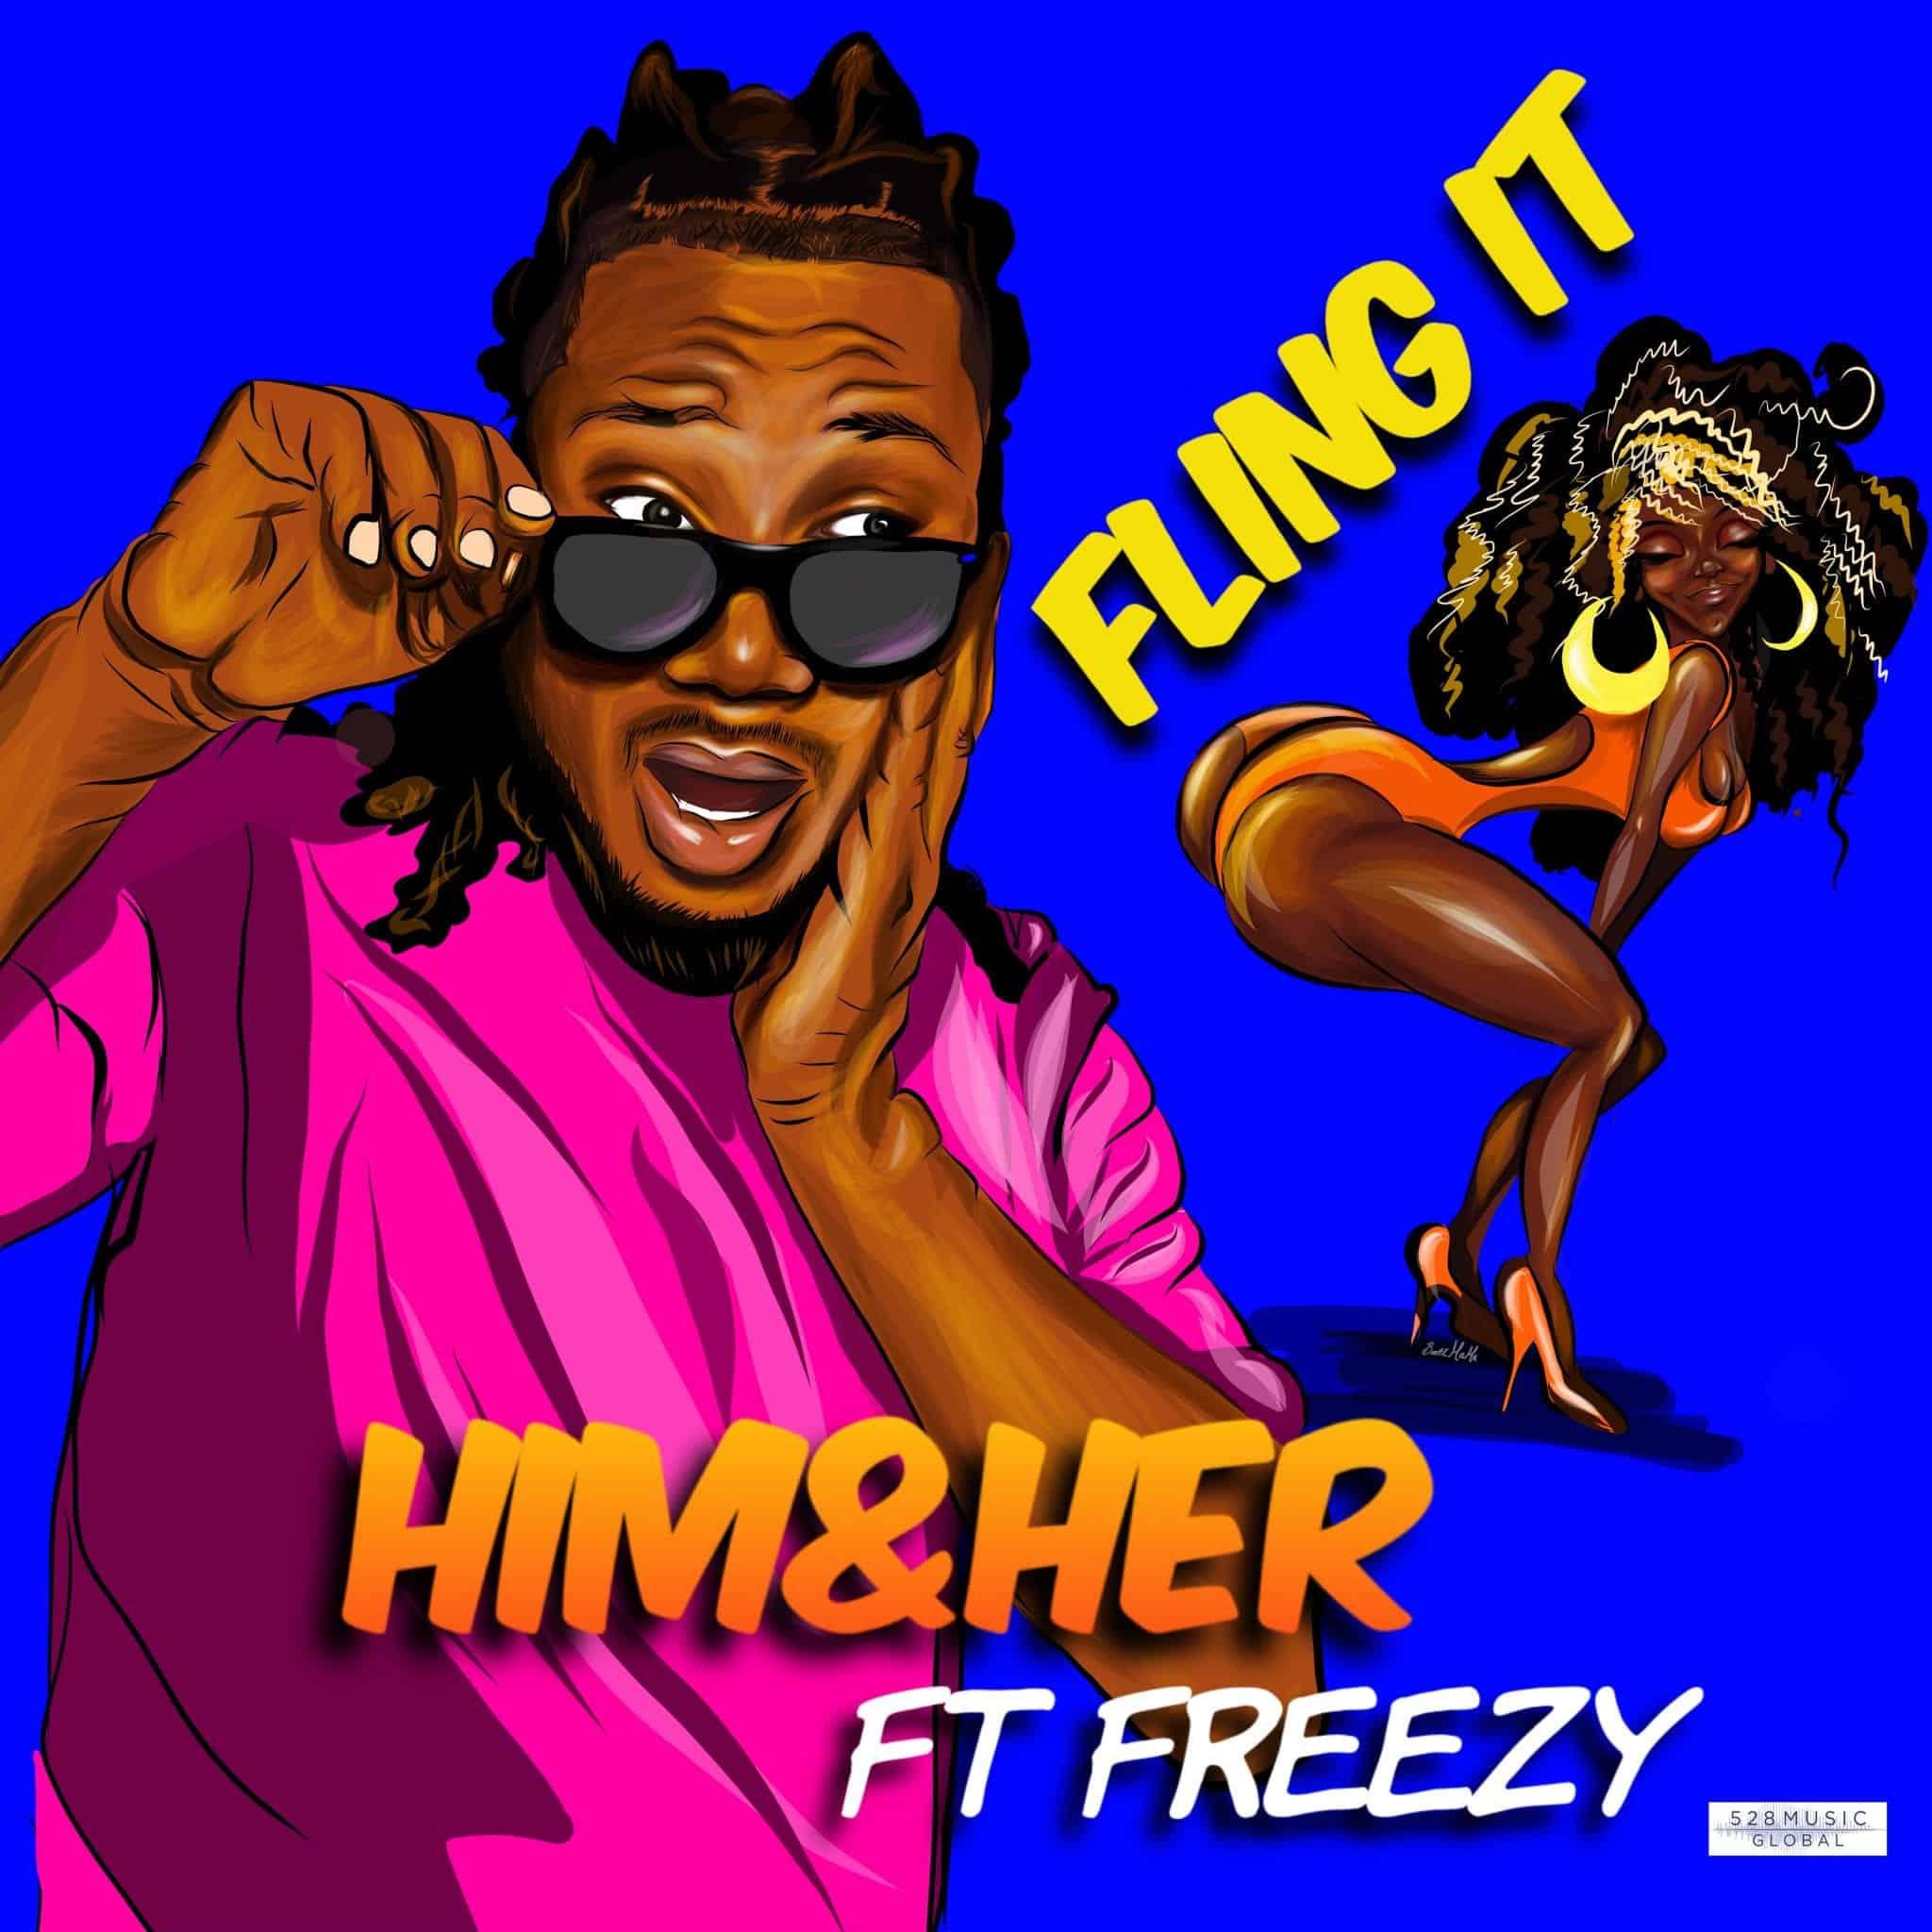 Him & Her - Fling It feat. Freezy